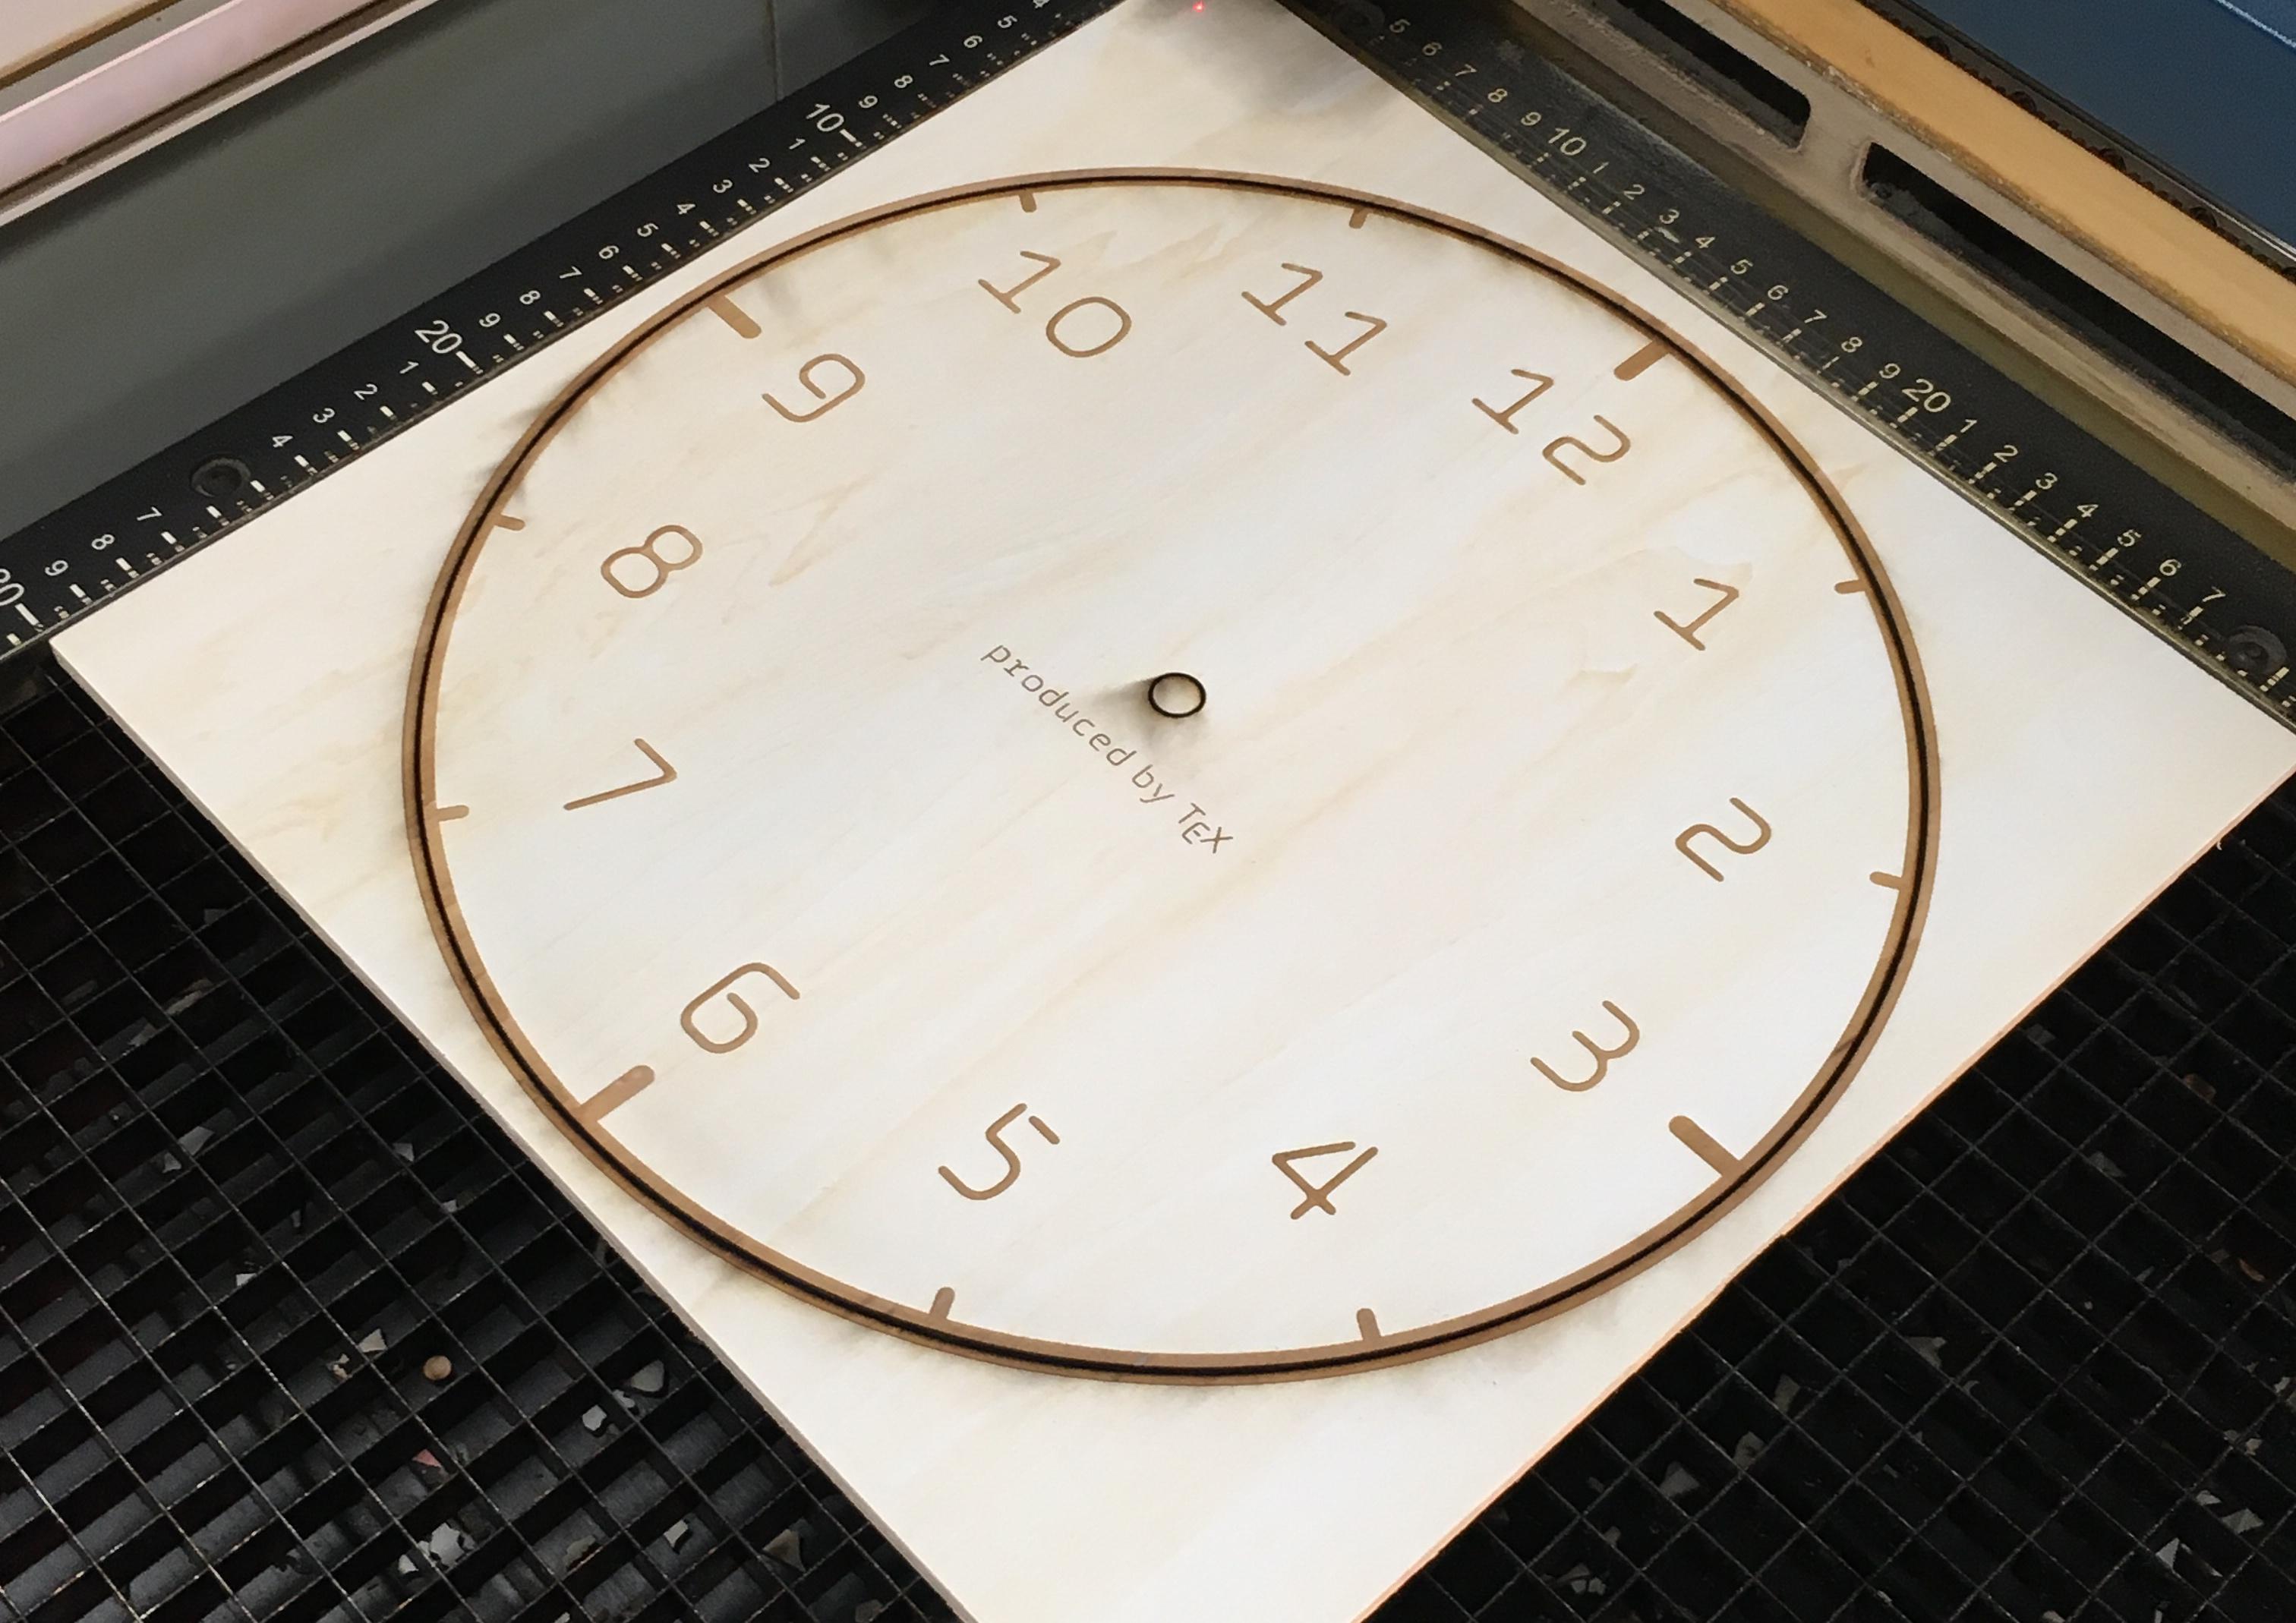 レーザーカッターによる加工が済んだ文字盤